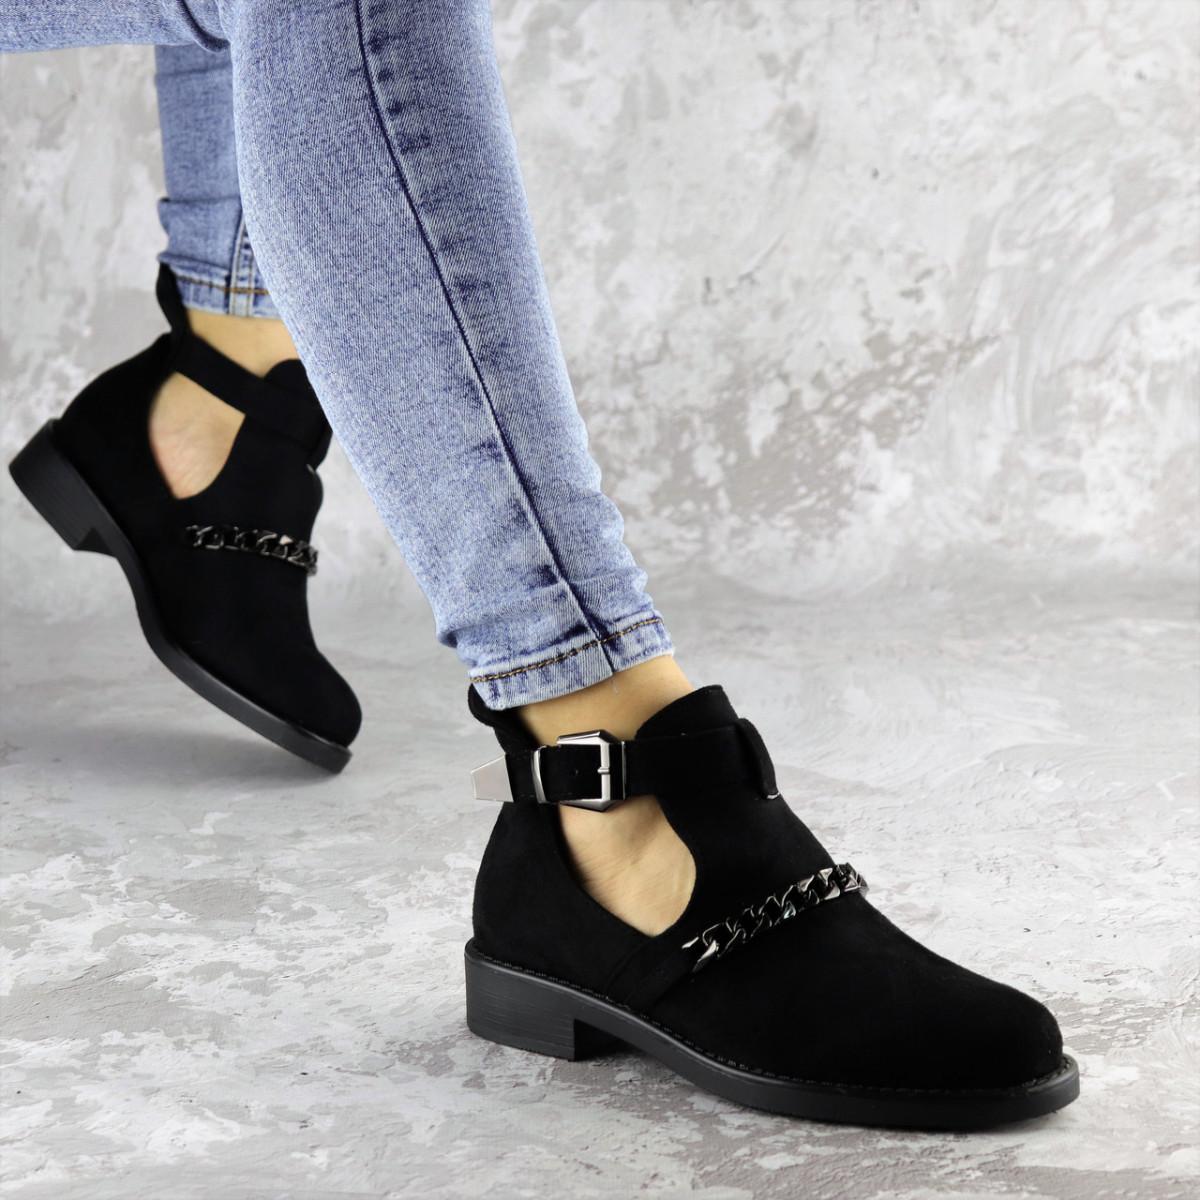 Туфли женские Fashion Jean 1261 36 размер 23,5 см Черный